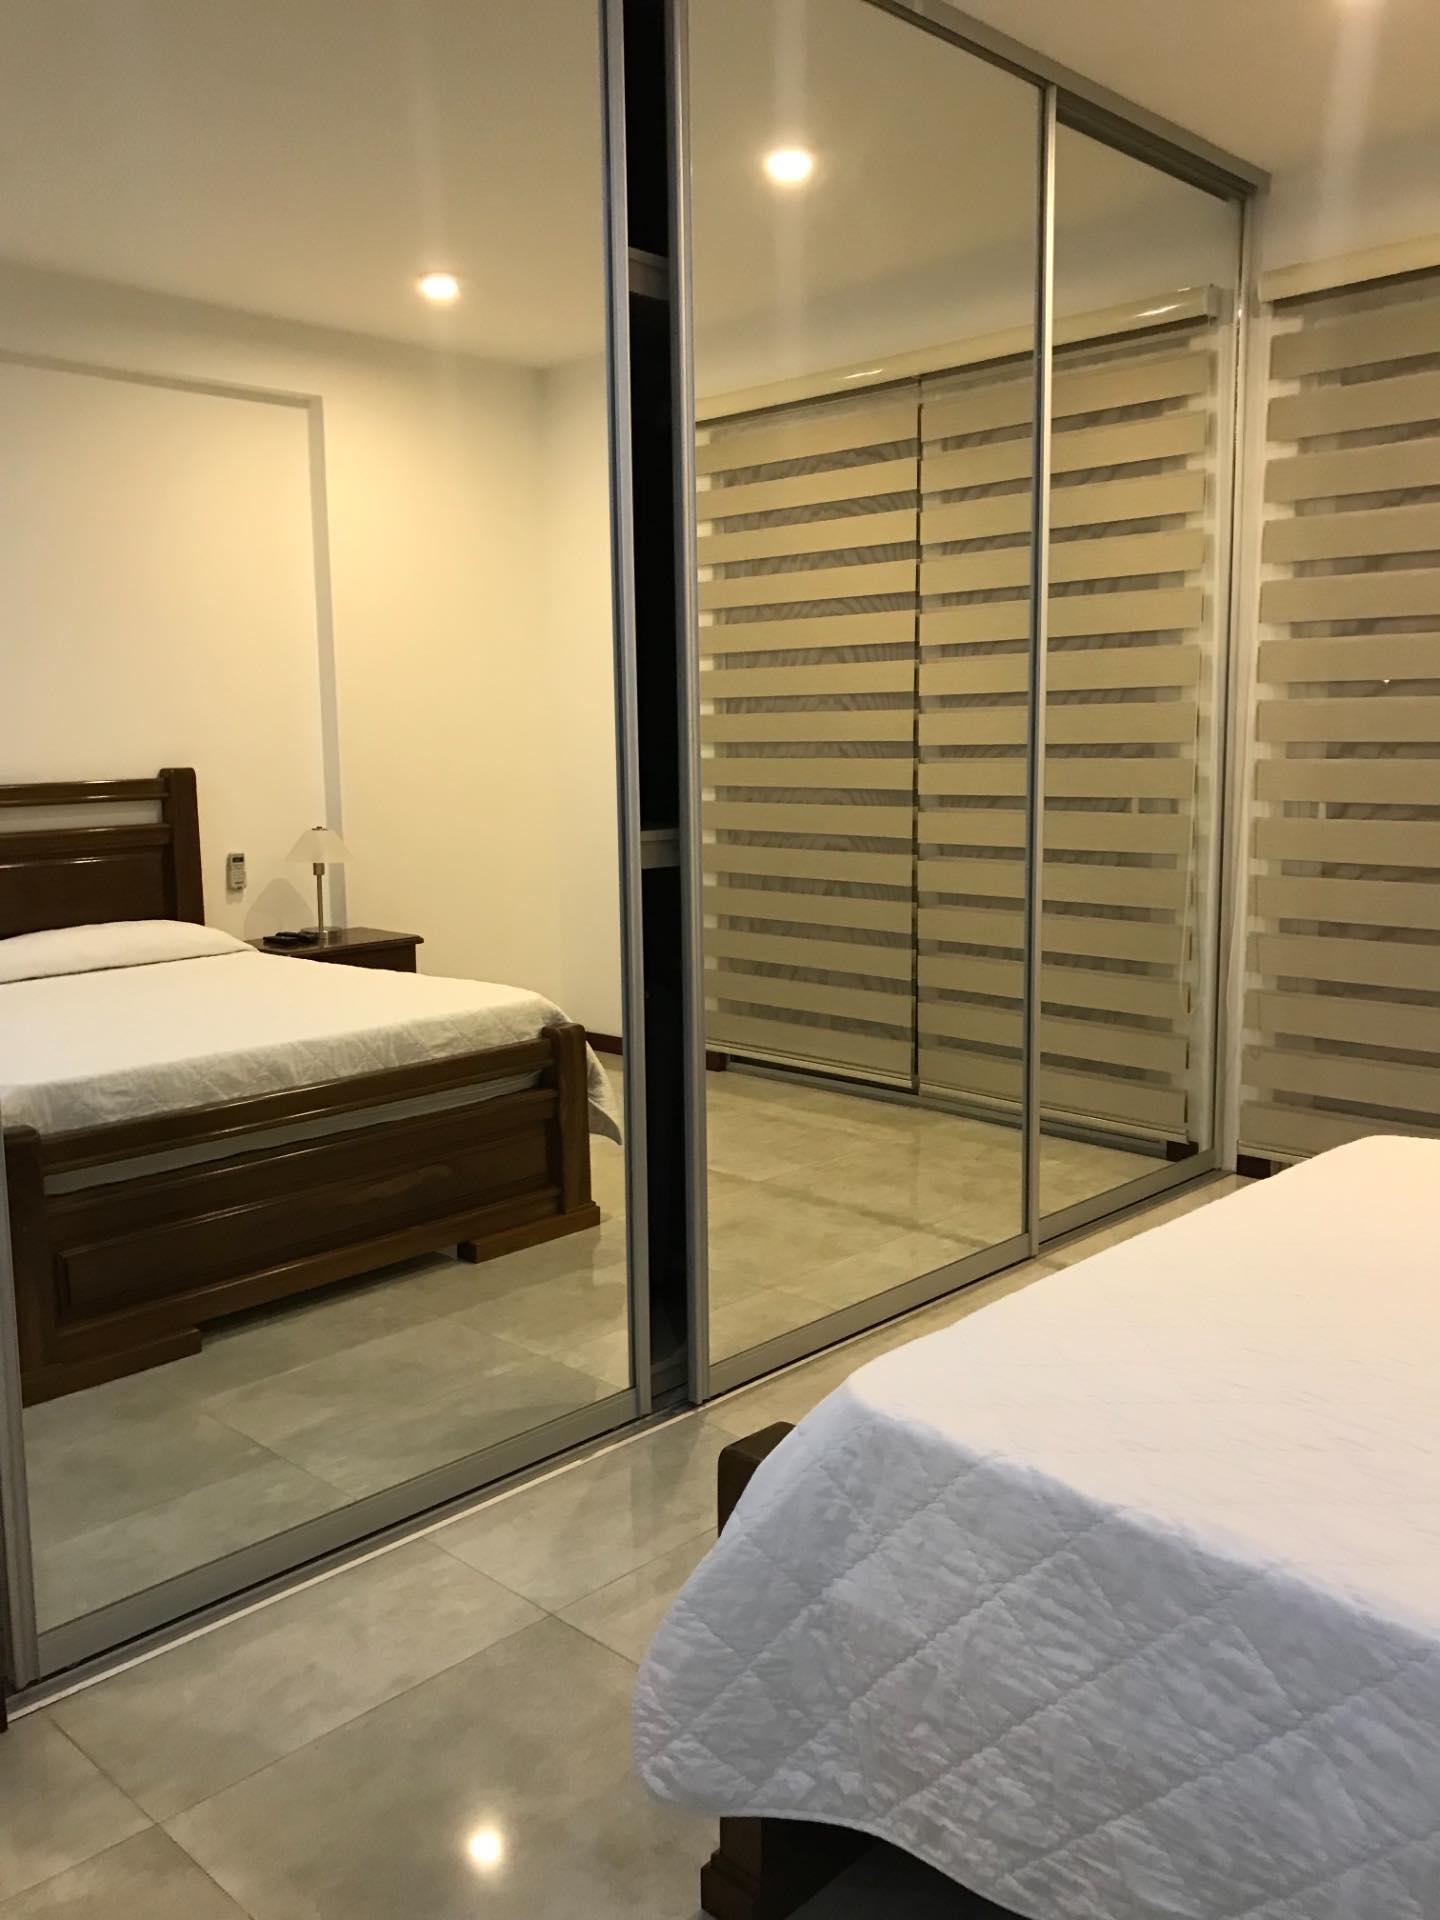 Departamento en Alquiler En exclusivo condominio zona Barrio Las Palmas  Foto 6